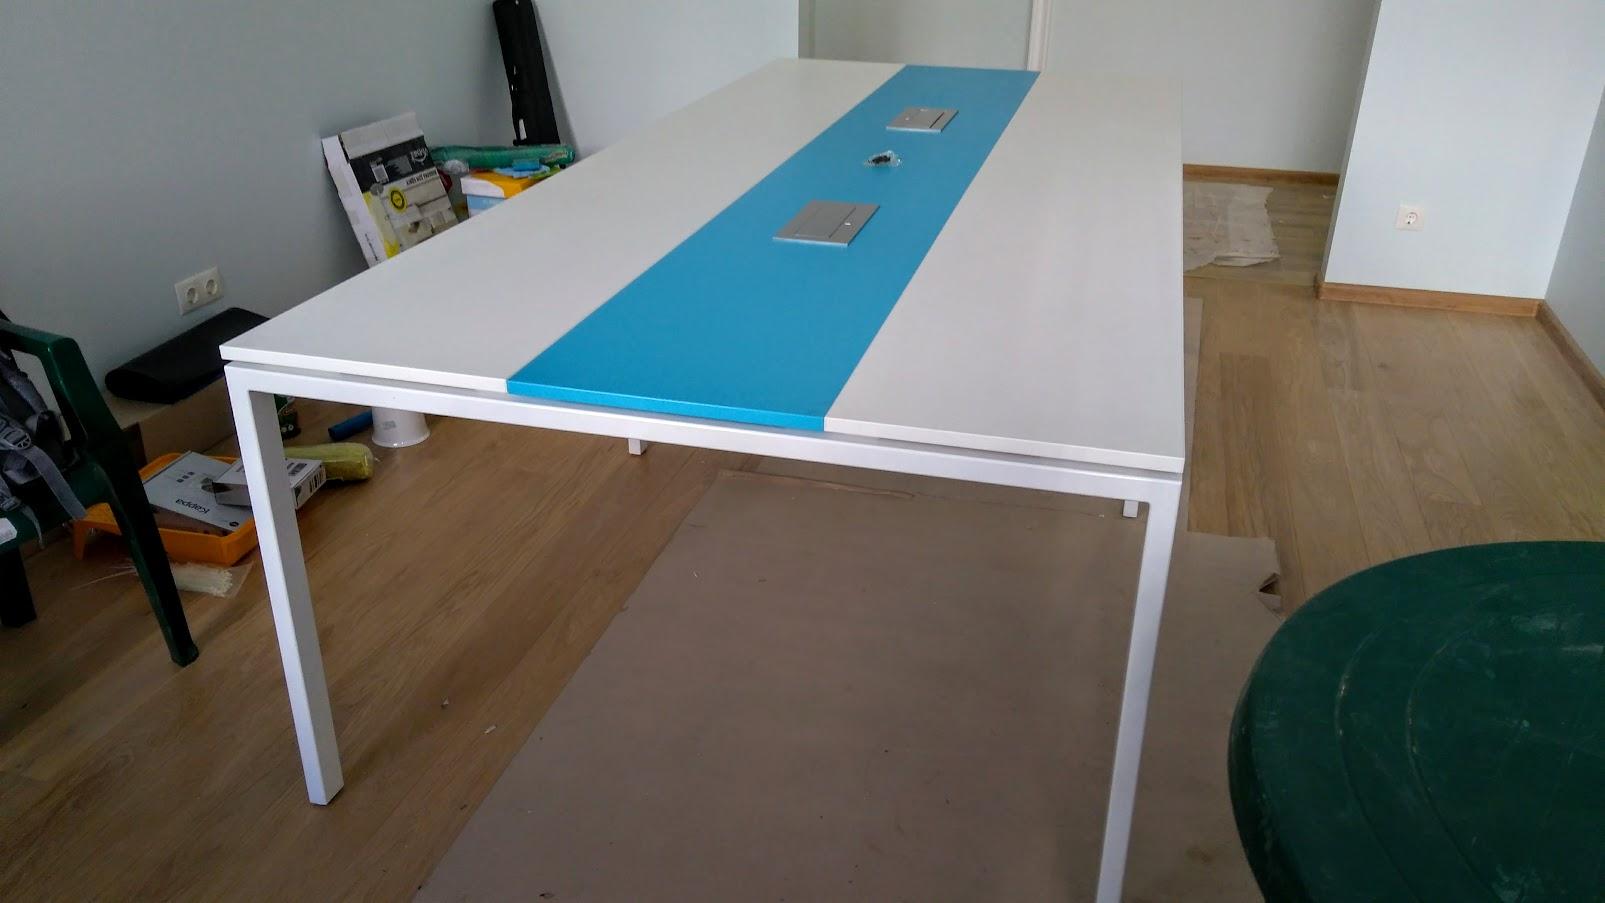 Конфернец стол - Модульная офисная мебель, Металлические каркасы столов, Мебельные опоры ✆ 0679245444